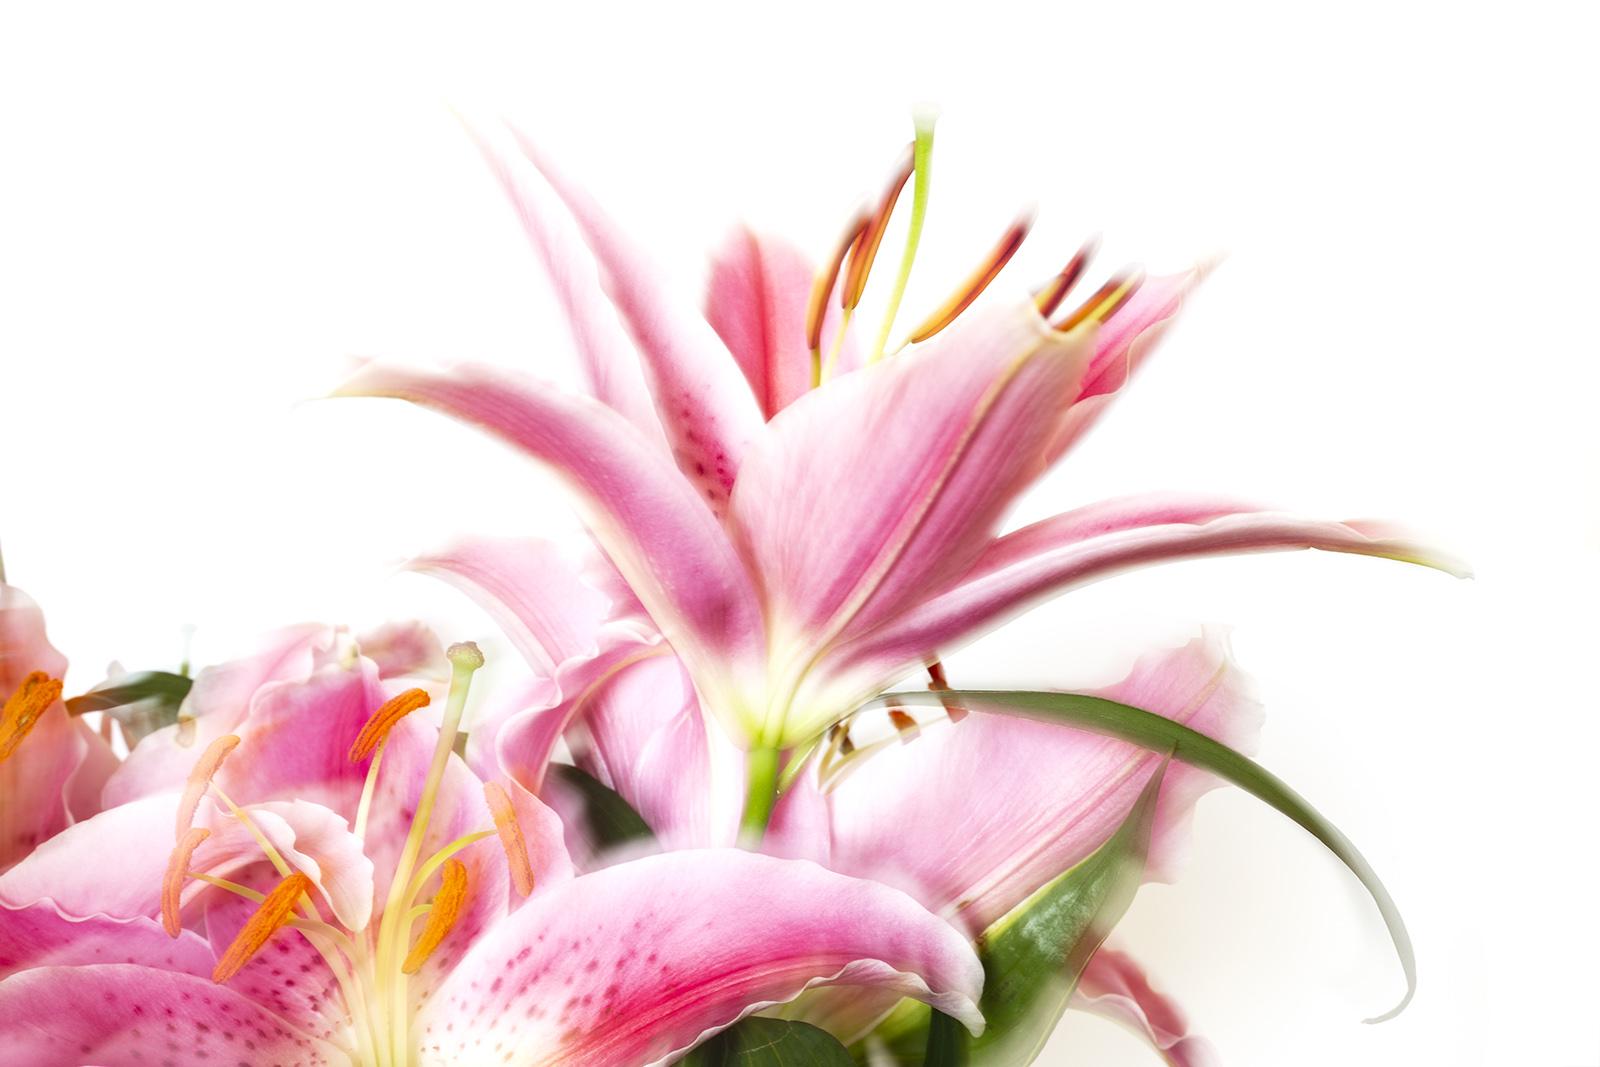 Dreamy lilies